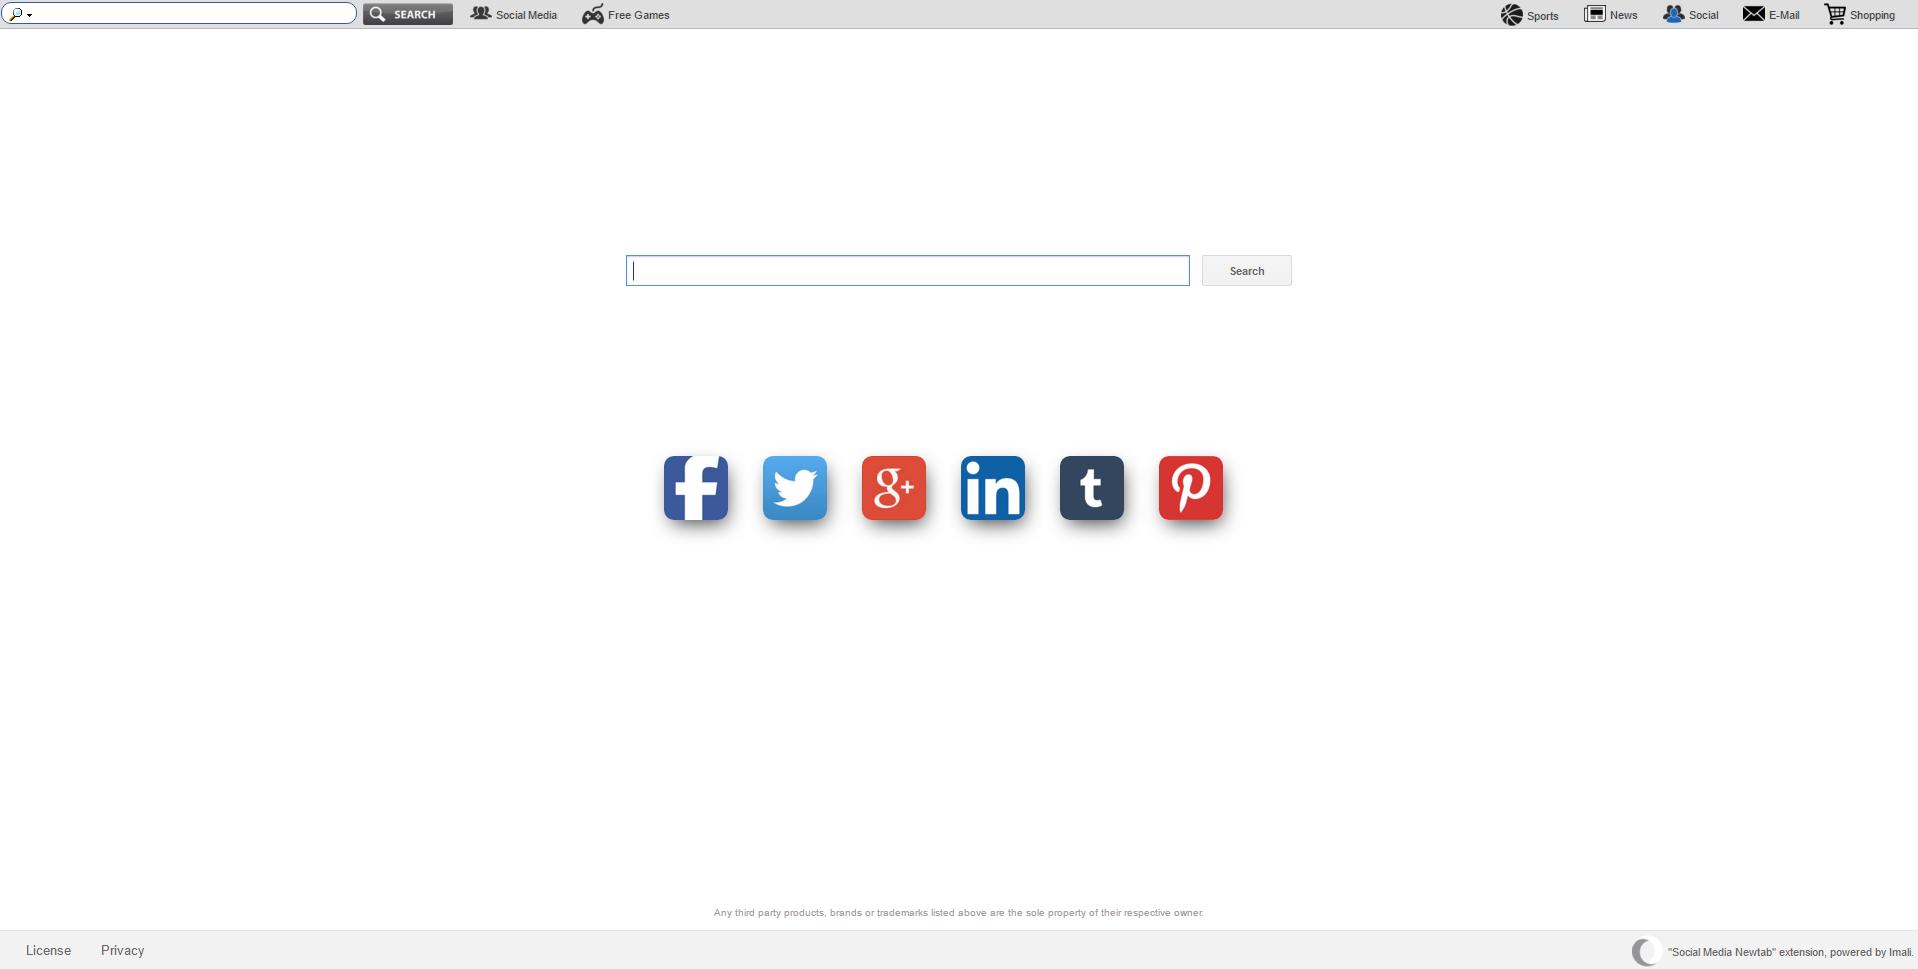 Socialmedianewtabsearch.com Ads